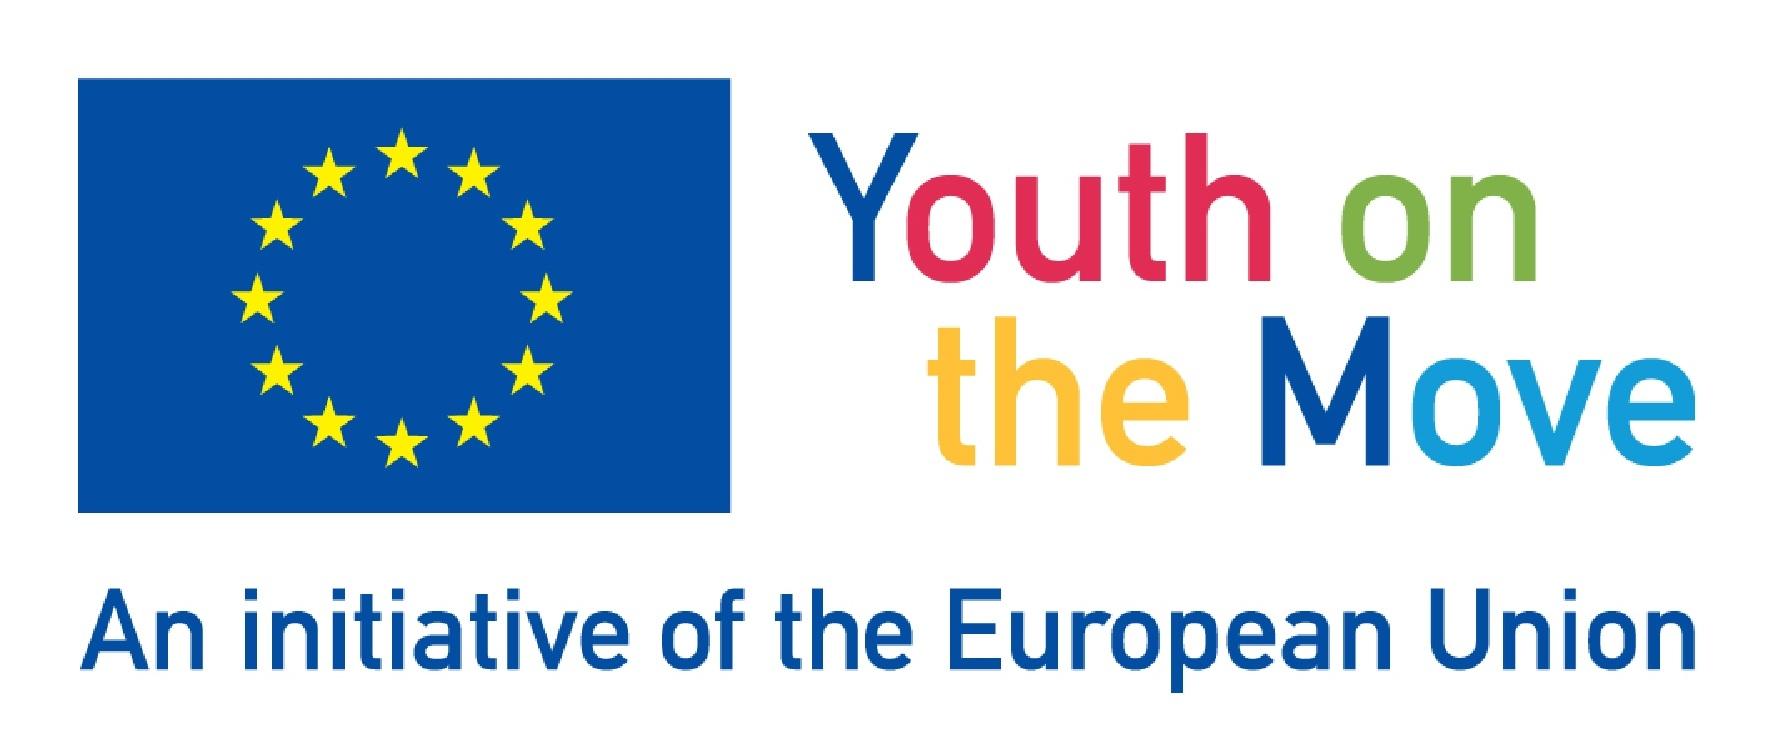 <p>Udruga 'Pozitivni i sretni' Čepin osniva Klub mladih sa ciljem okupljanja mladih od 15-30 godina. Glavni ciljevi osnivanja Kluba mladih su umrežavanje mladeži Čepina sa mladeži Europe kroz razmjene i treninge, buđenje inicijative mladih u životu zajednice, oživljavanje ideje o poduzetništvu mladih.</p>